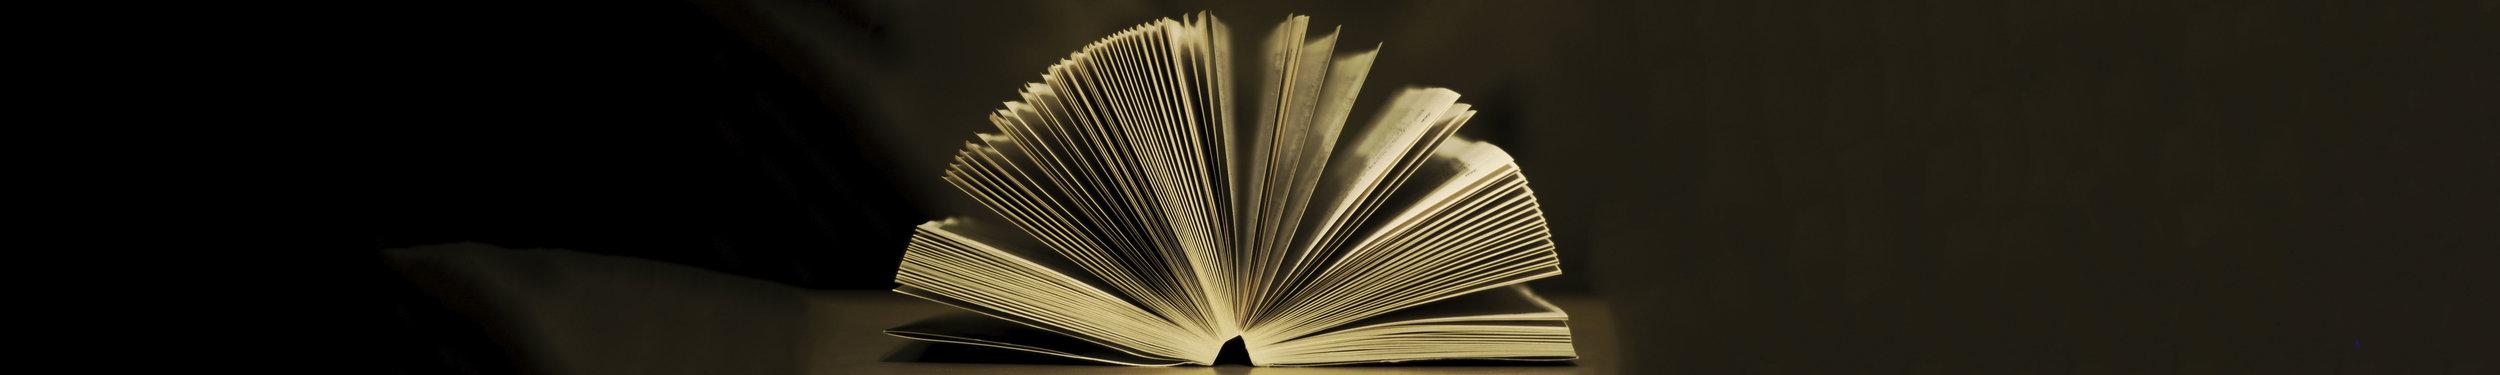 book-933088_1920.jpg